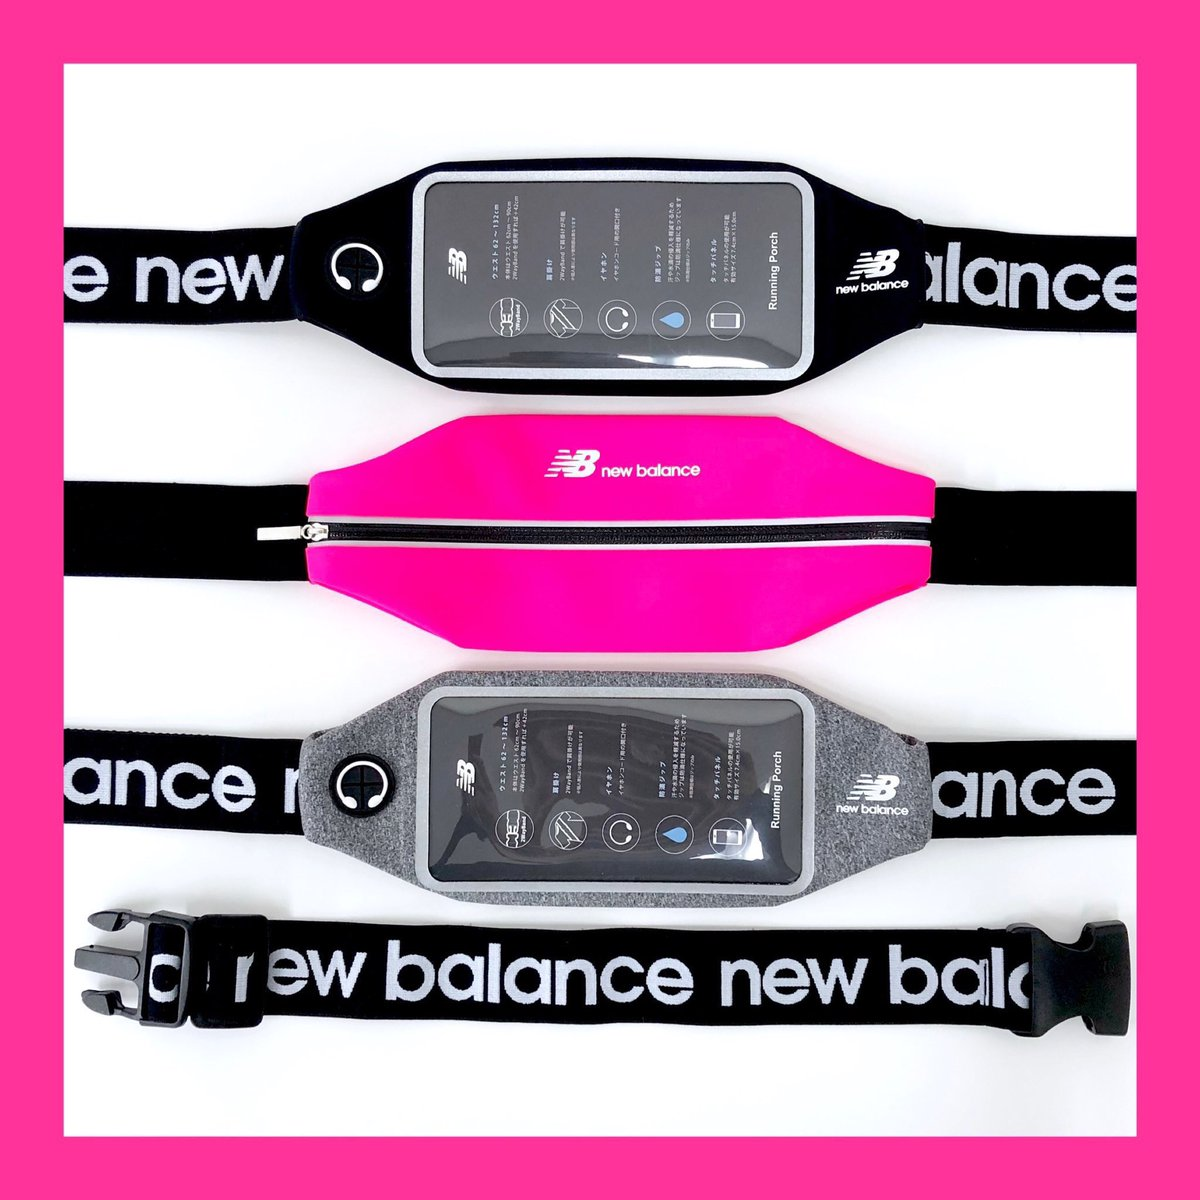 794fce3f7c ニューバランス ジャパン, ニューバランス ランニング, New Balance and New Balance Running